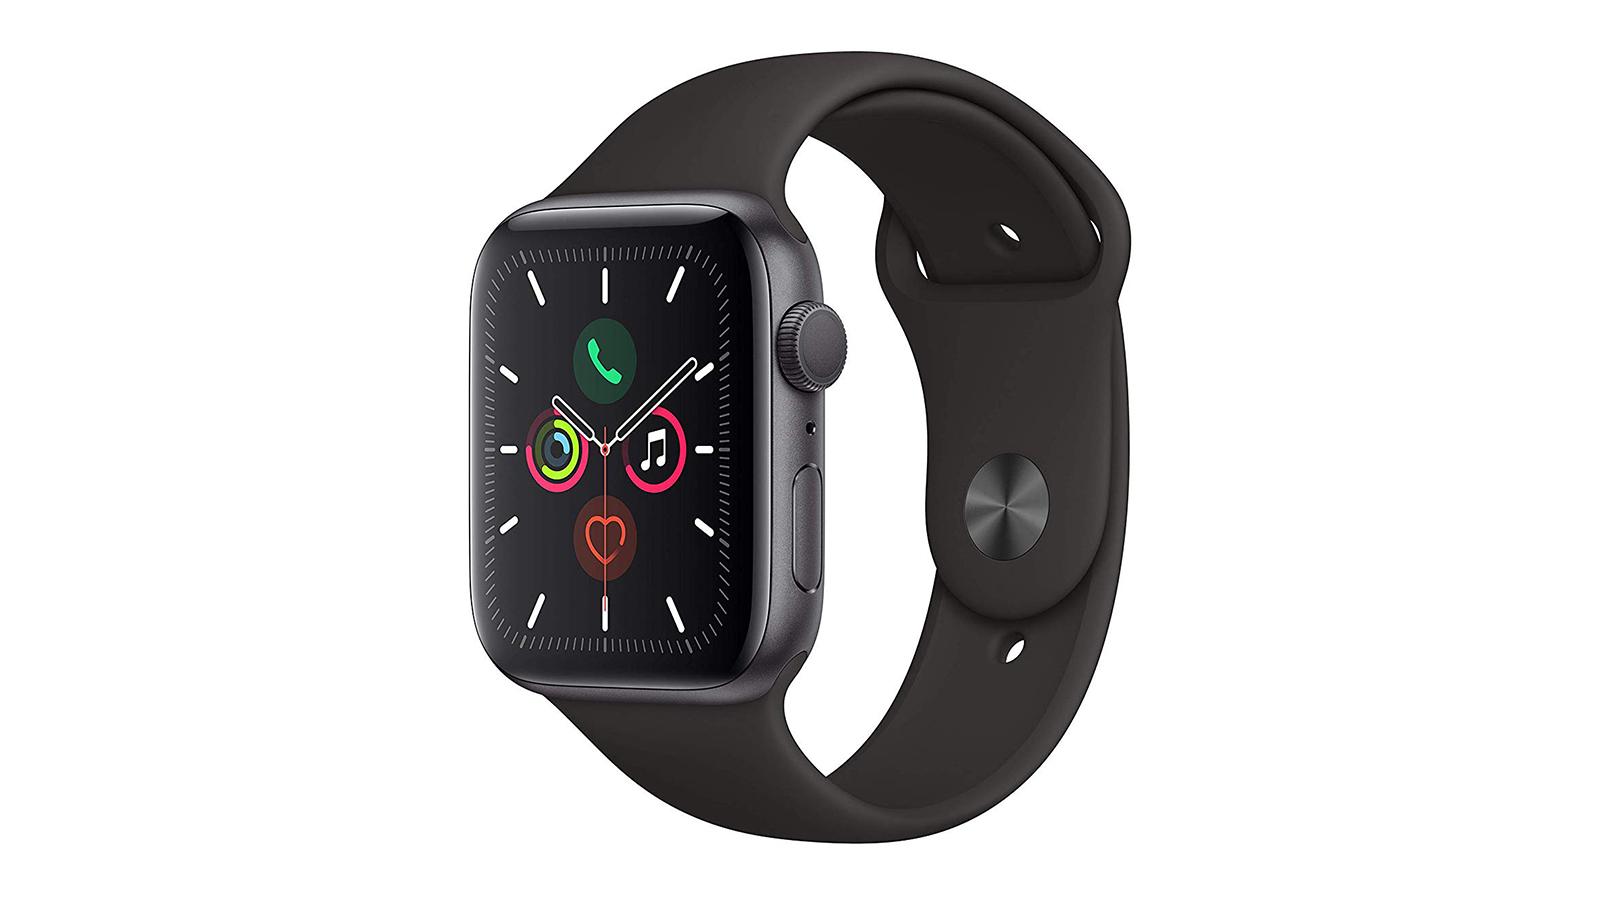 Best swim watch: Apple Watch 5